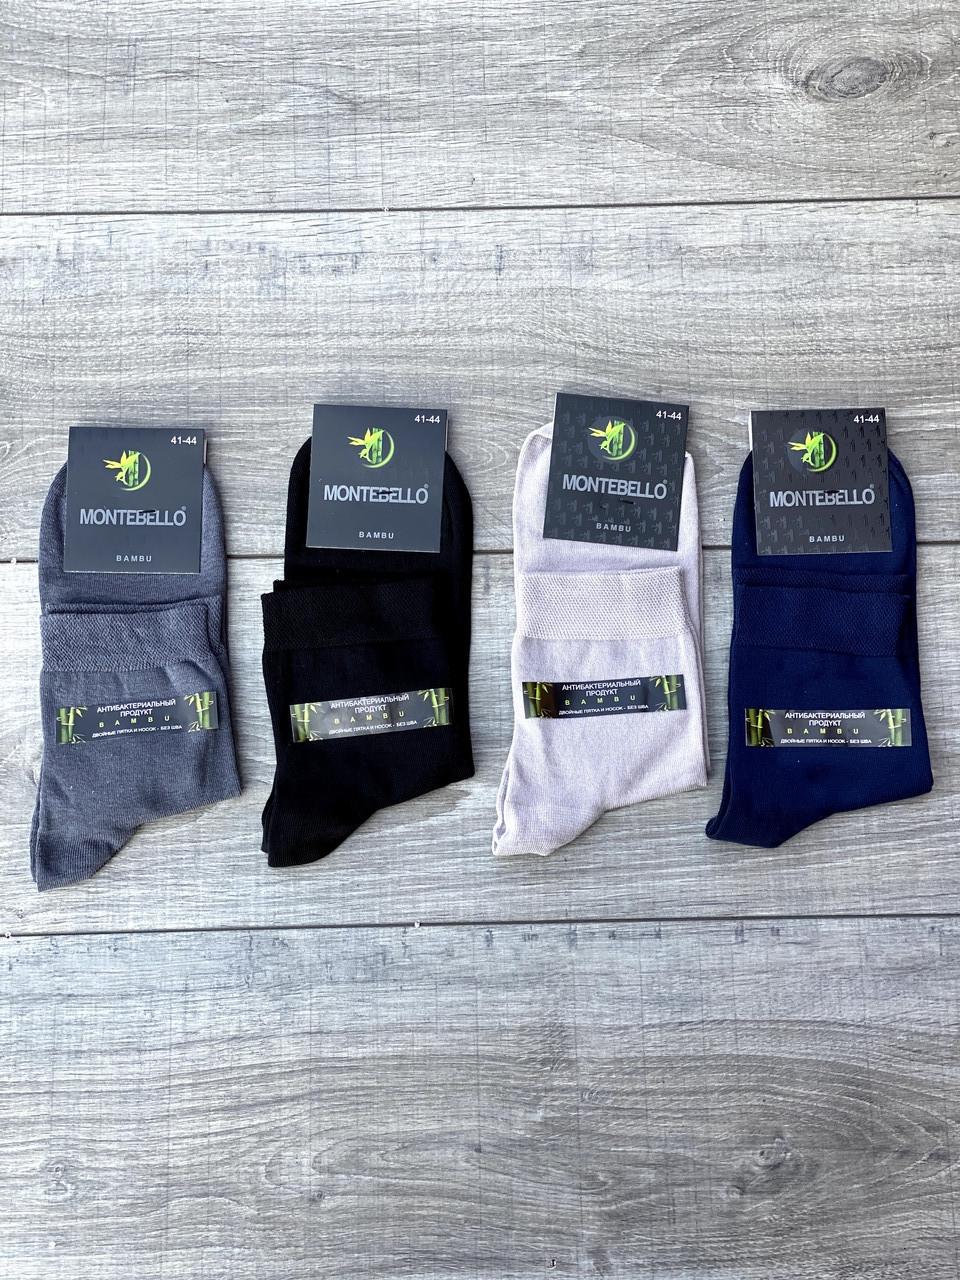 Чоловічі шкарпетки 200 голок Montebello бамбук однотонні безшовні 41-44 12 шт в уп мікс із 4х кольорів